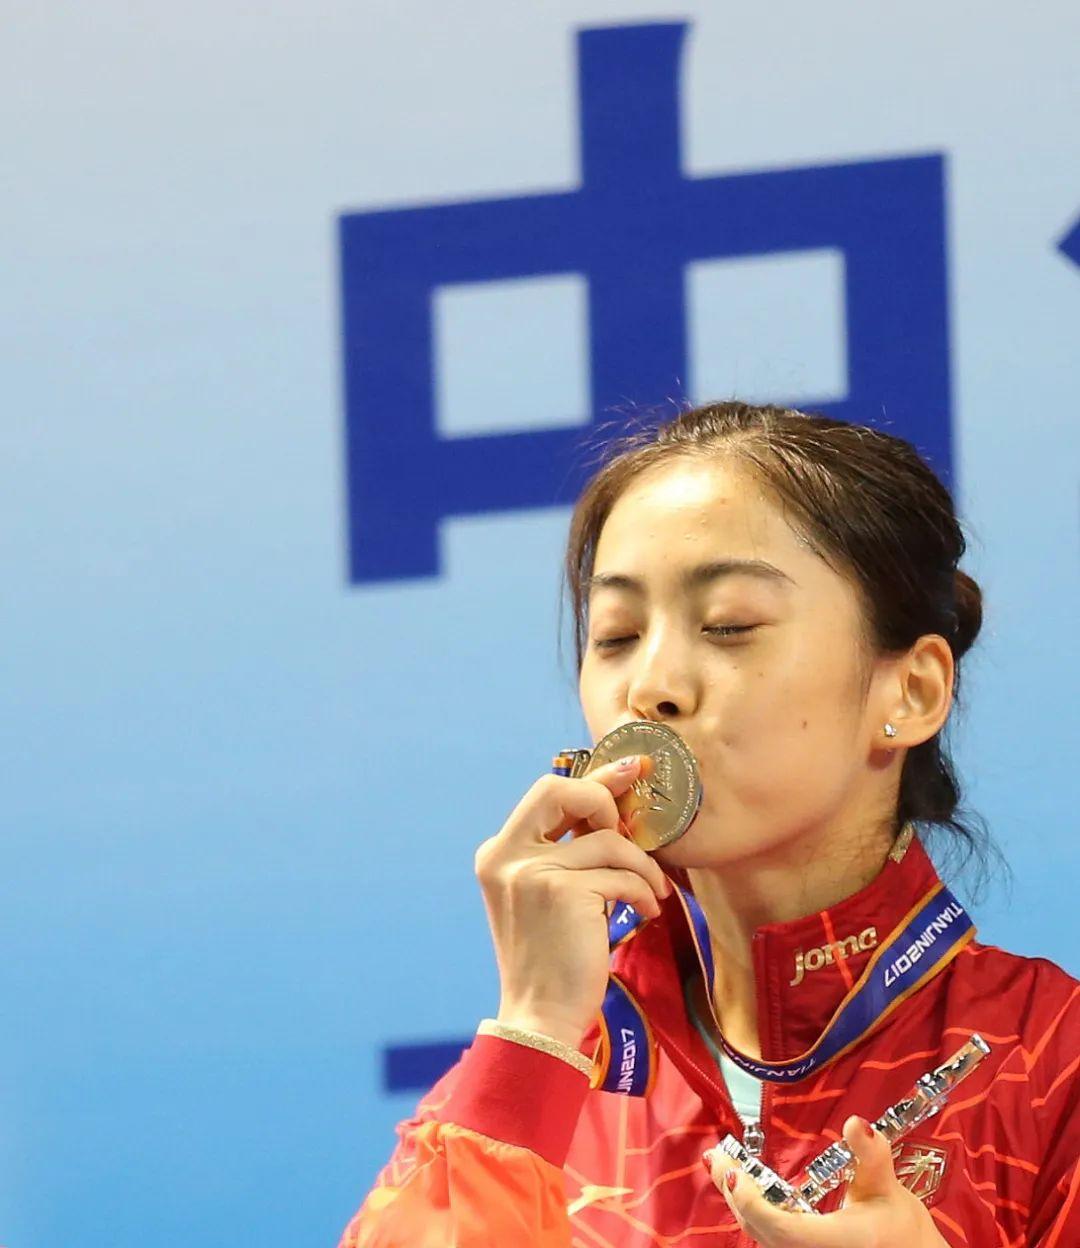 王适娴在27岁选择了退役